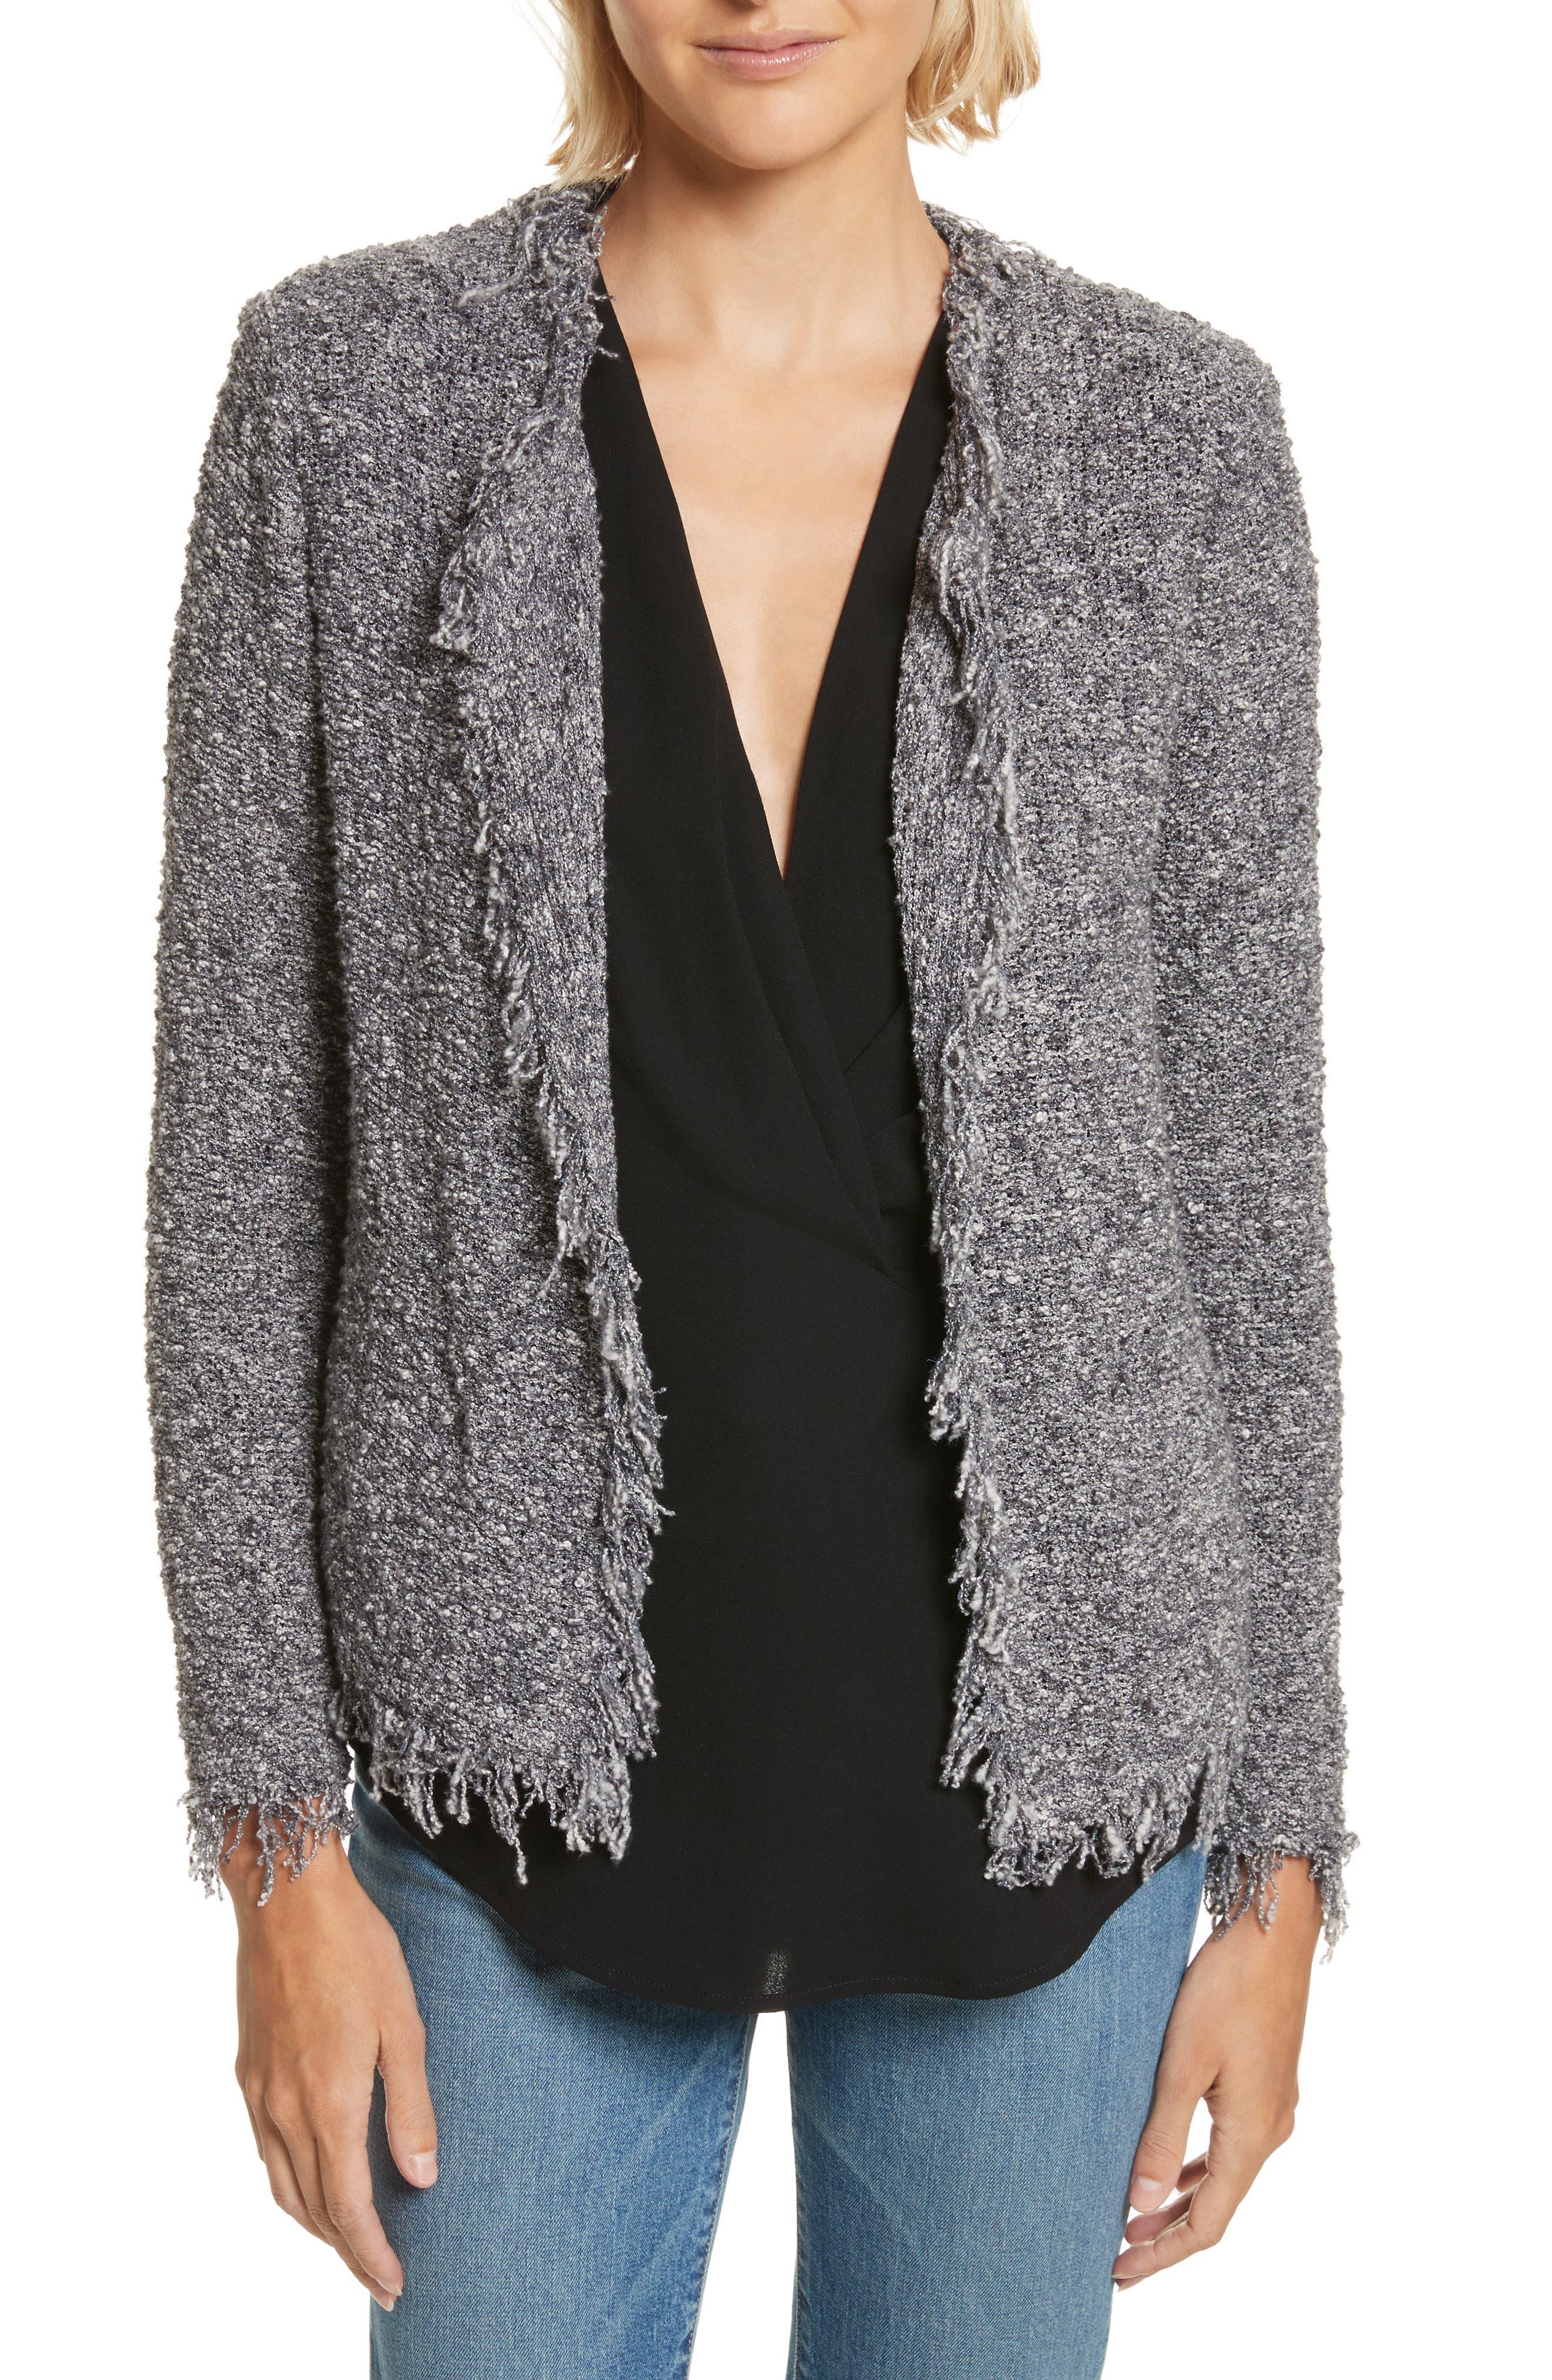 Shavanix Tweed Jacket,                         Main,                         color, Dark Grey